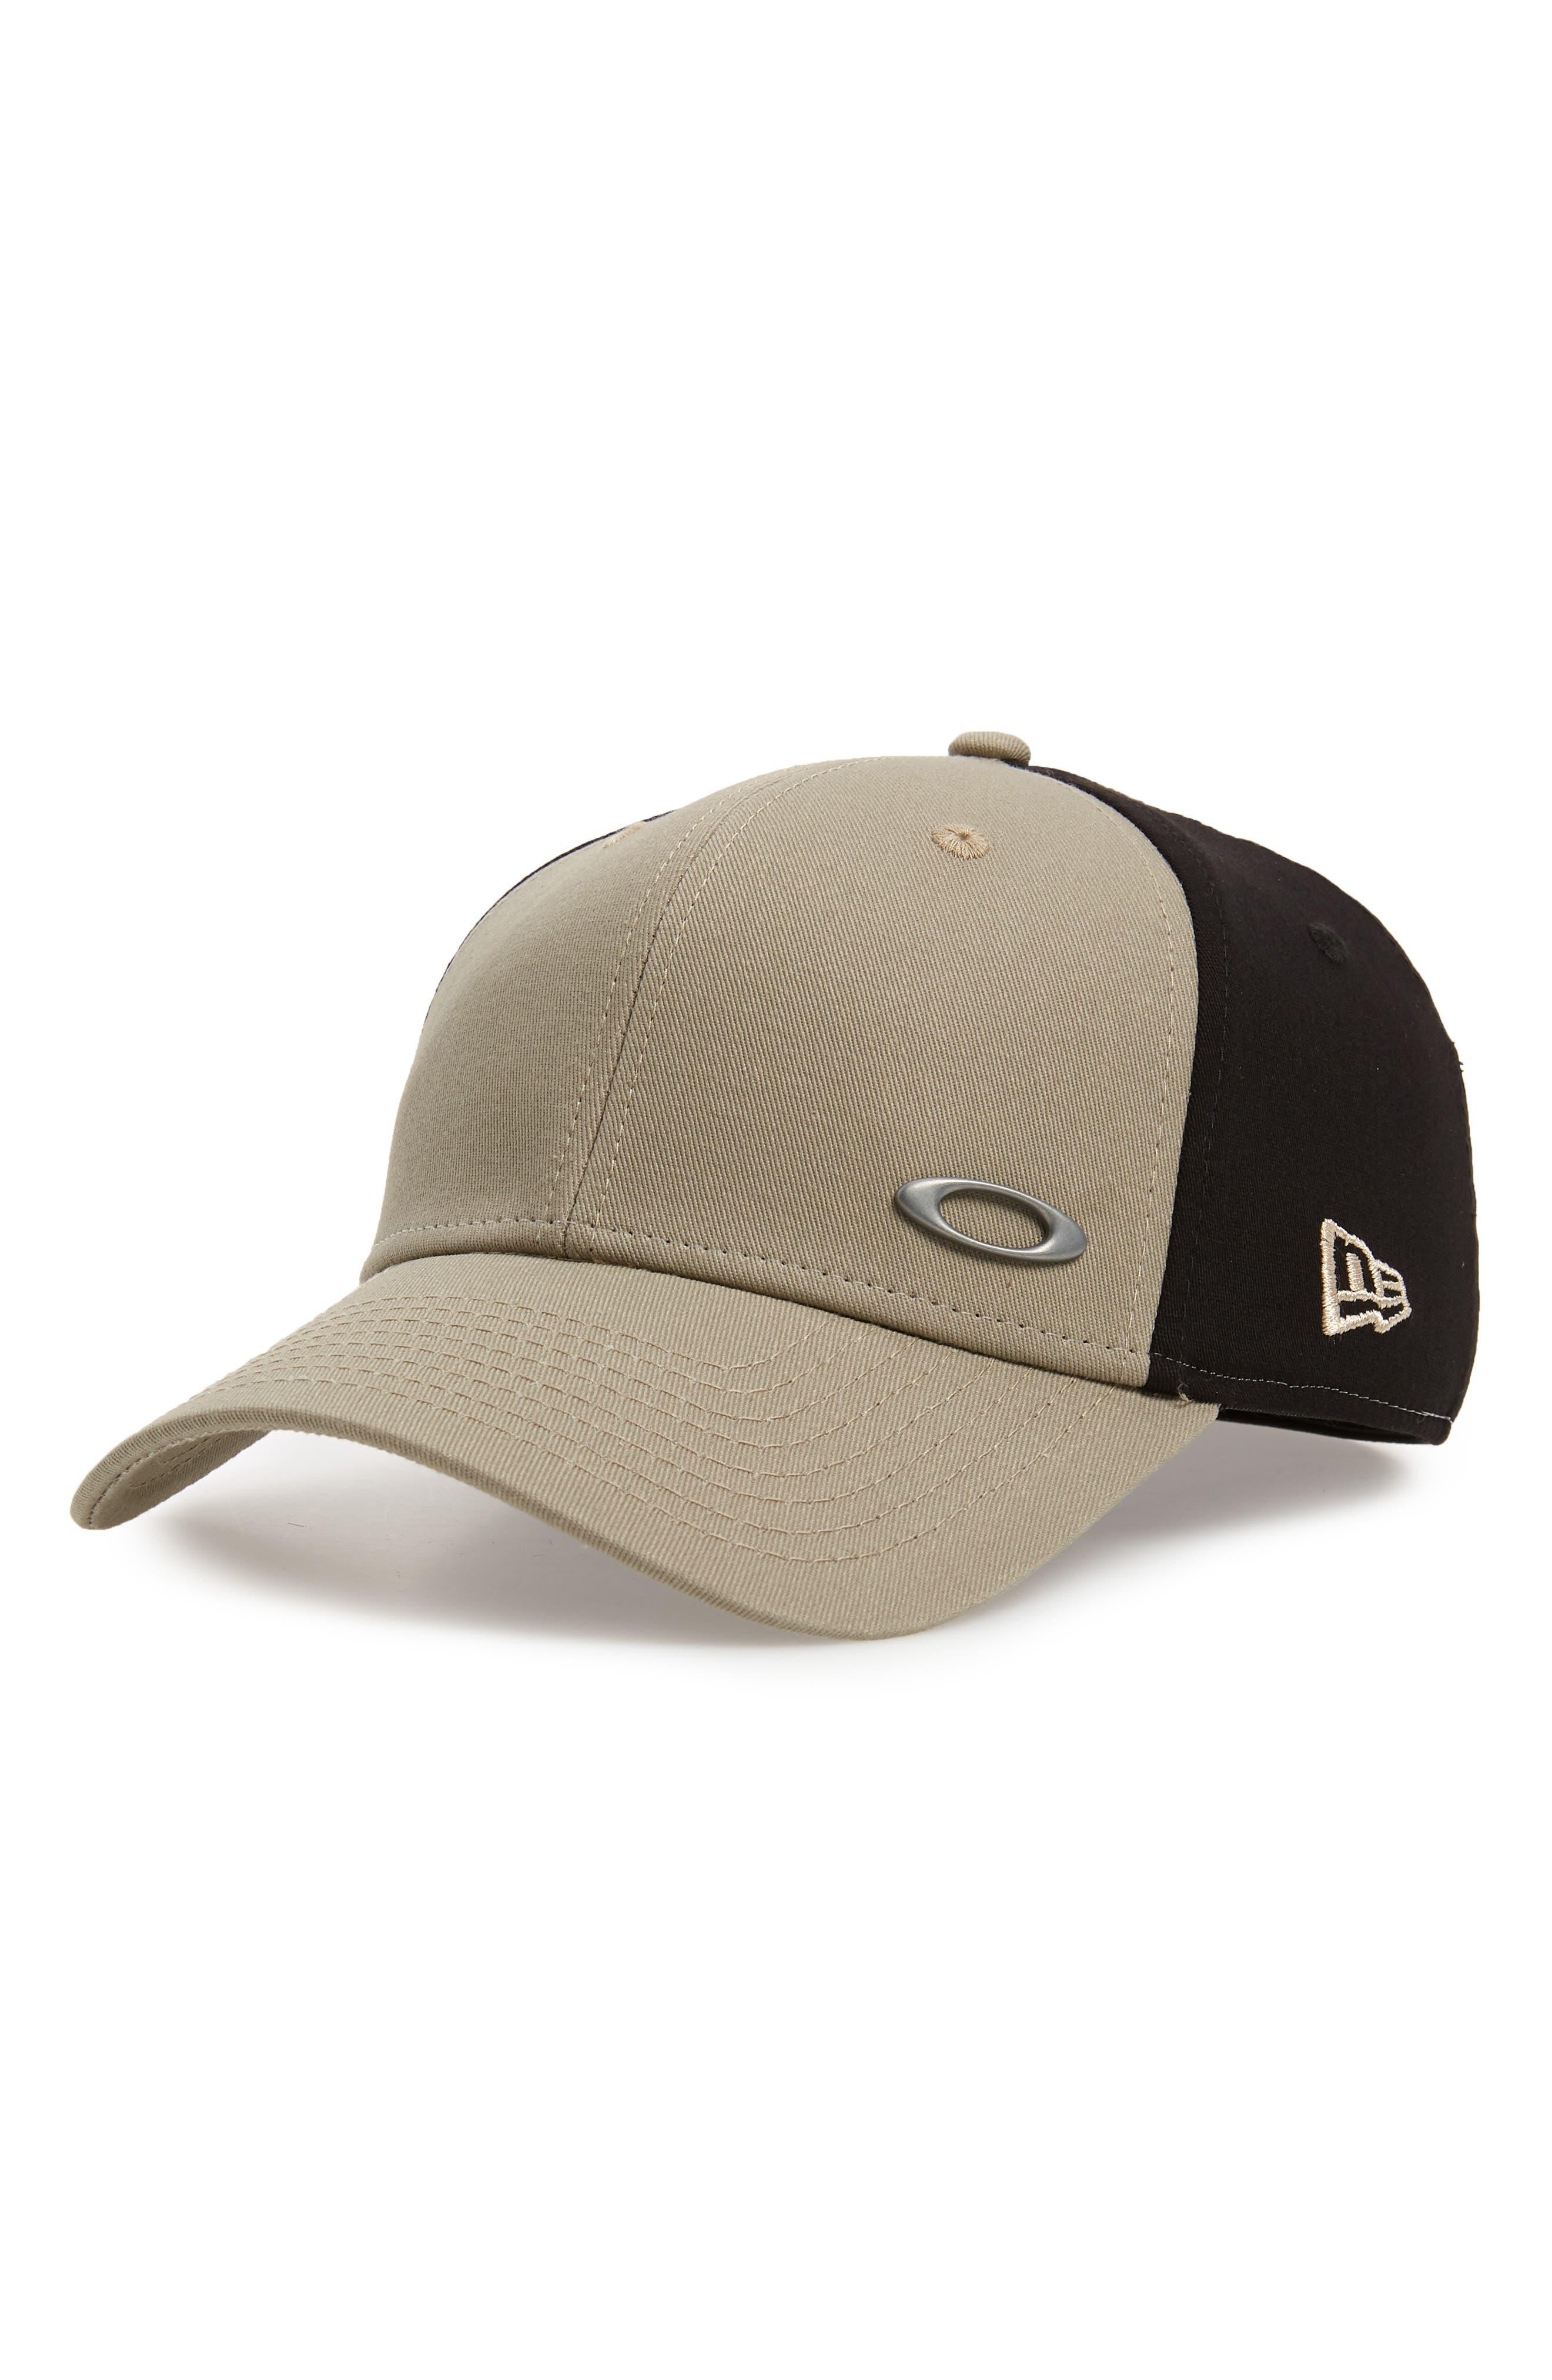 Oakley Tinfoil Baseball Cap In Rye  8de7a24a597